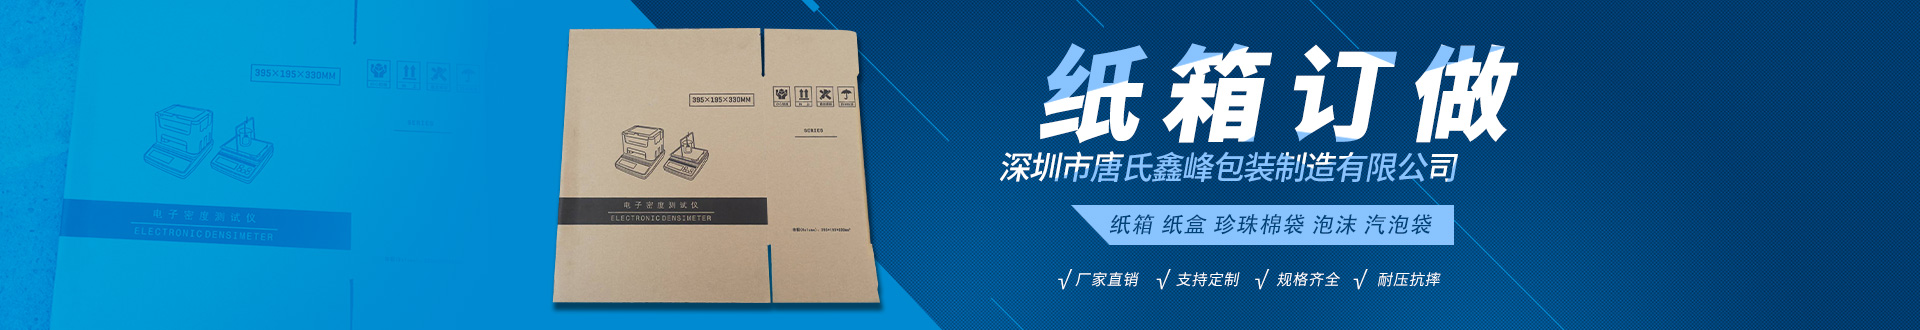 深圳市唐氏鑫峰包装制造有限公司